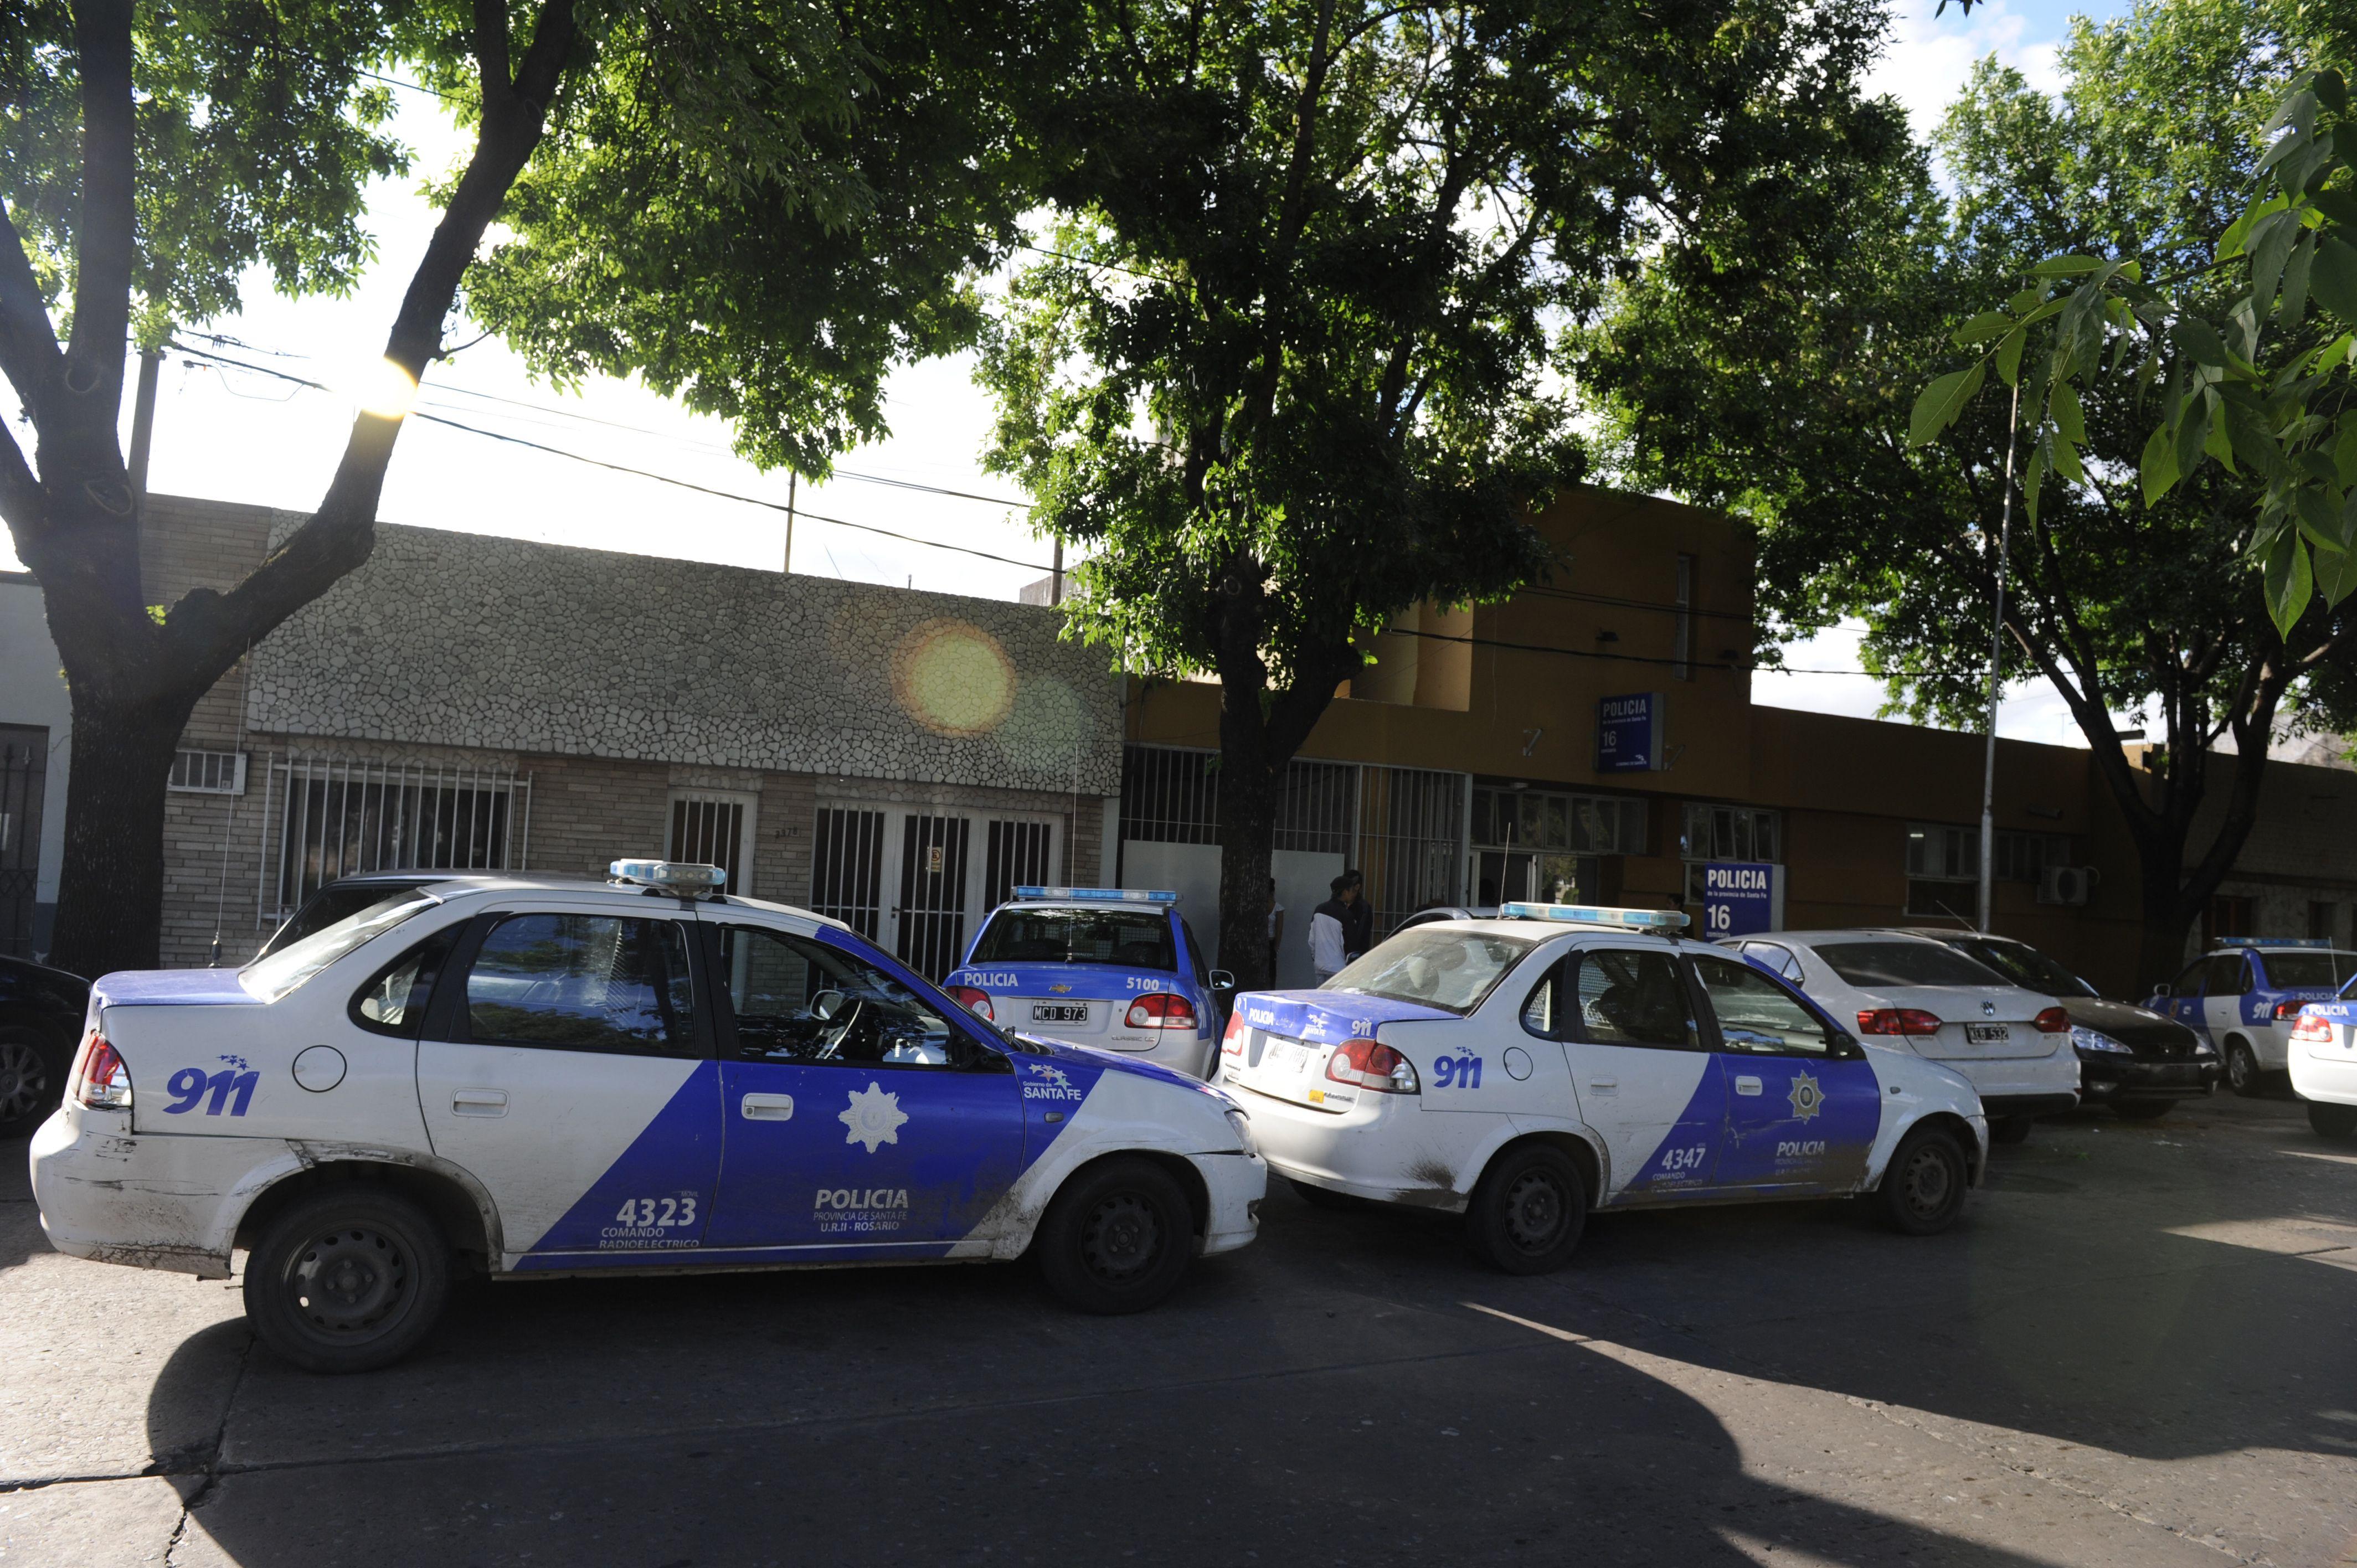 La seccional 16ª. El femicidio ocurrió en esa jurisdicción. Efectivos de esa repartición participan en la pesquisa. (Foto de archivo)